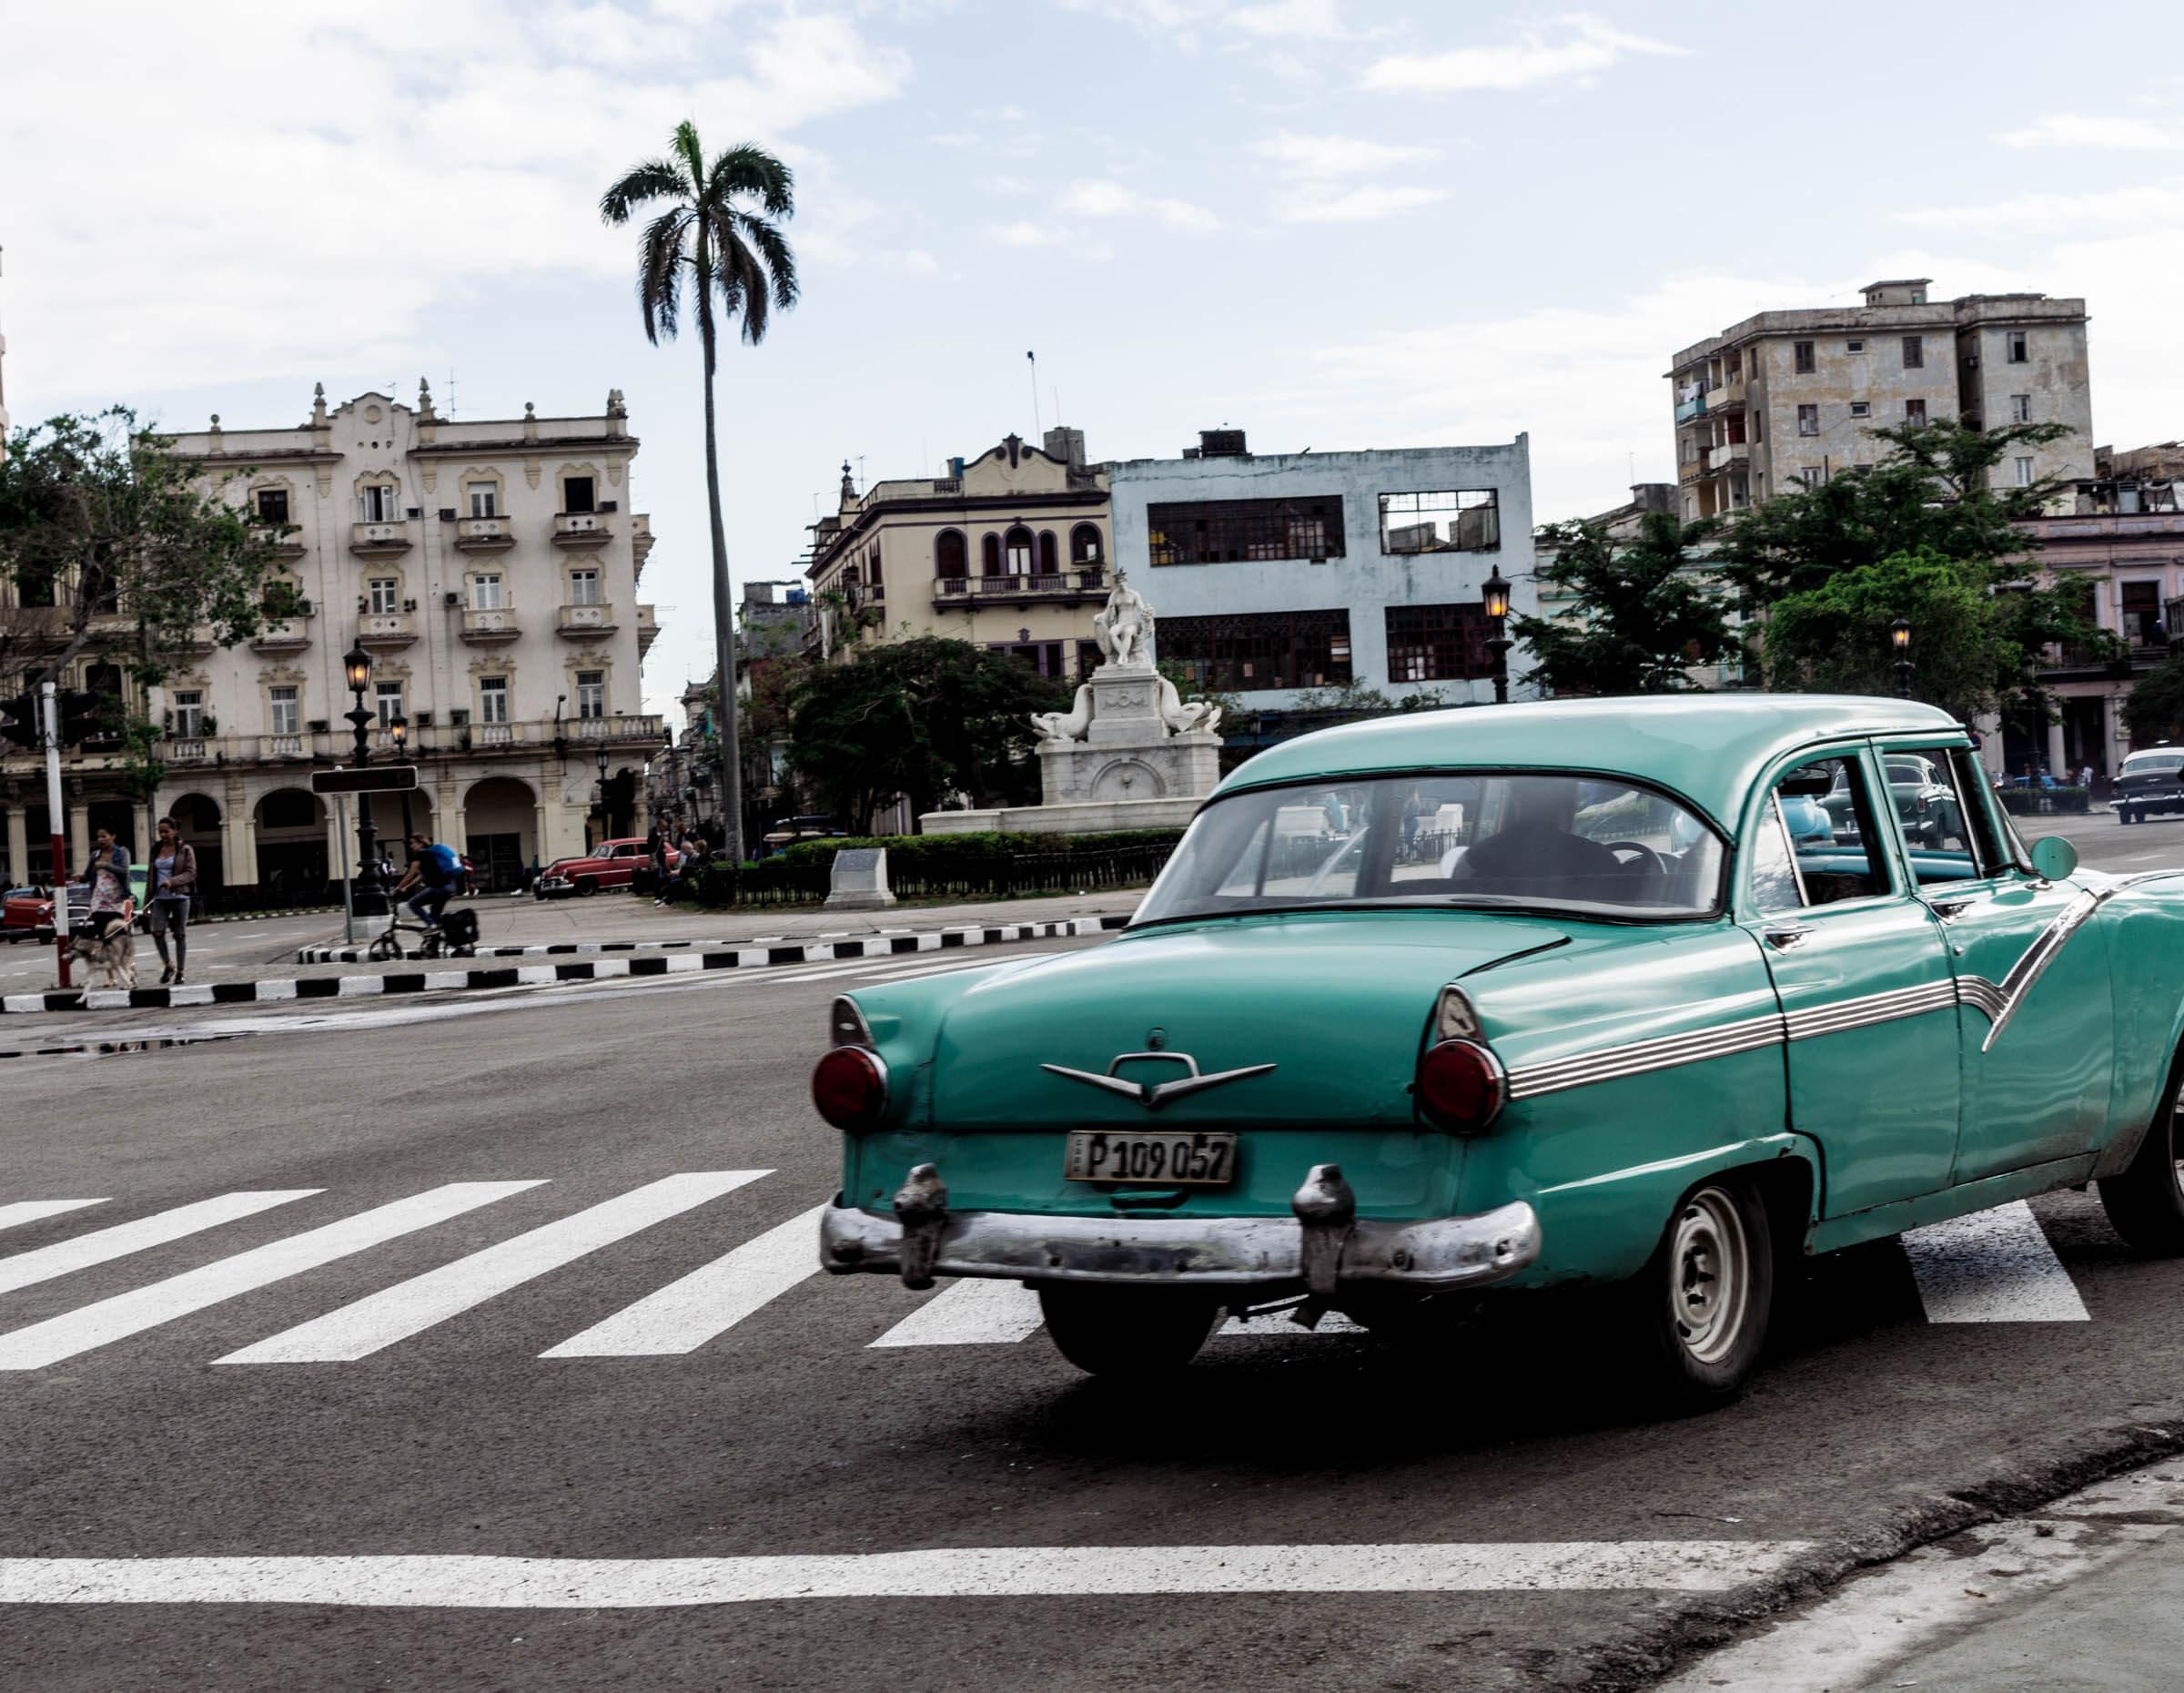 KUBA: HAVANNA IN 5 TAGEN | TIPPS UND INFOS